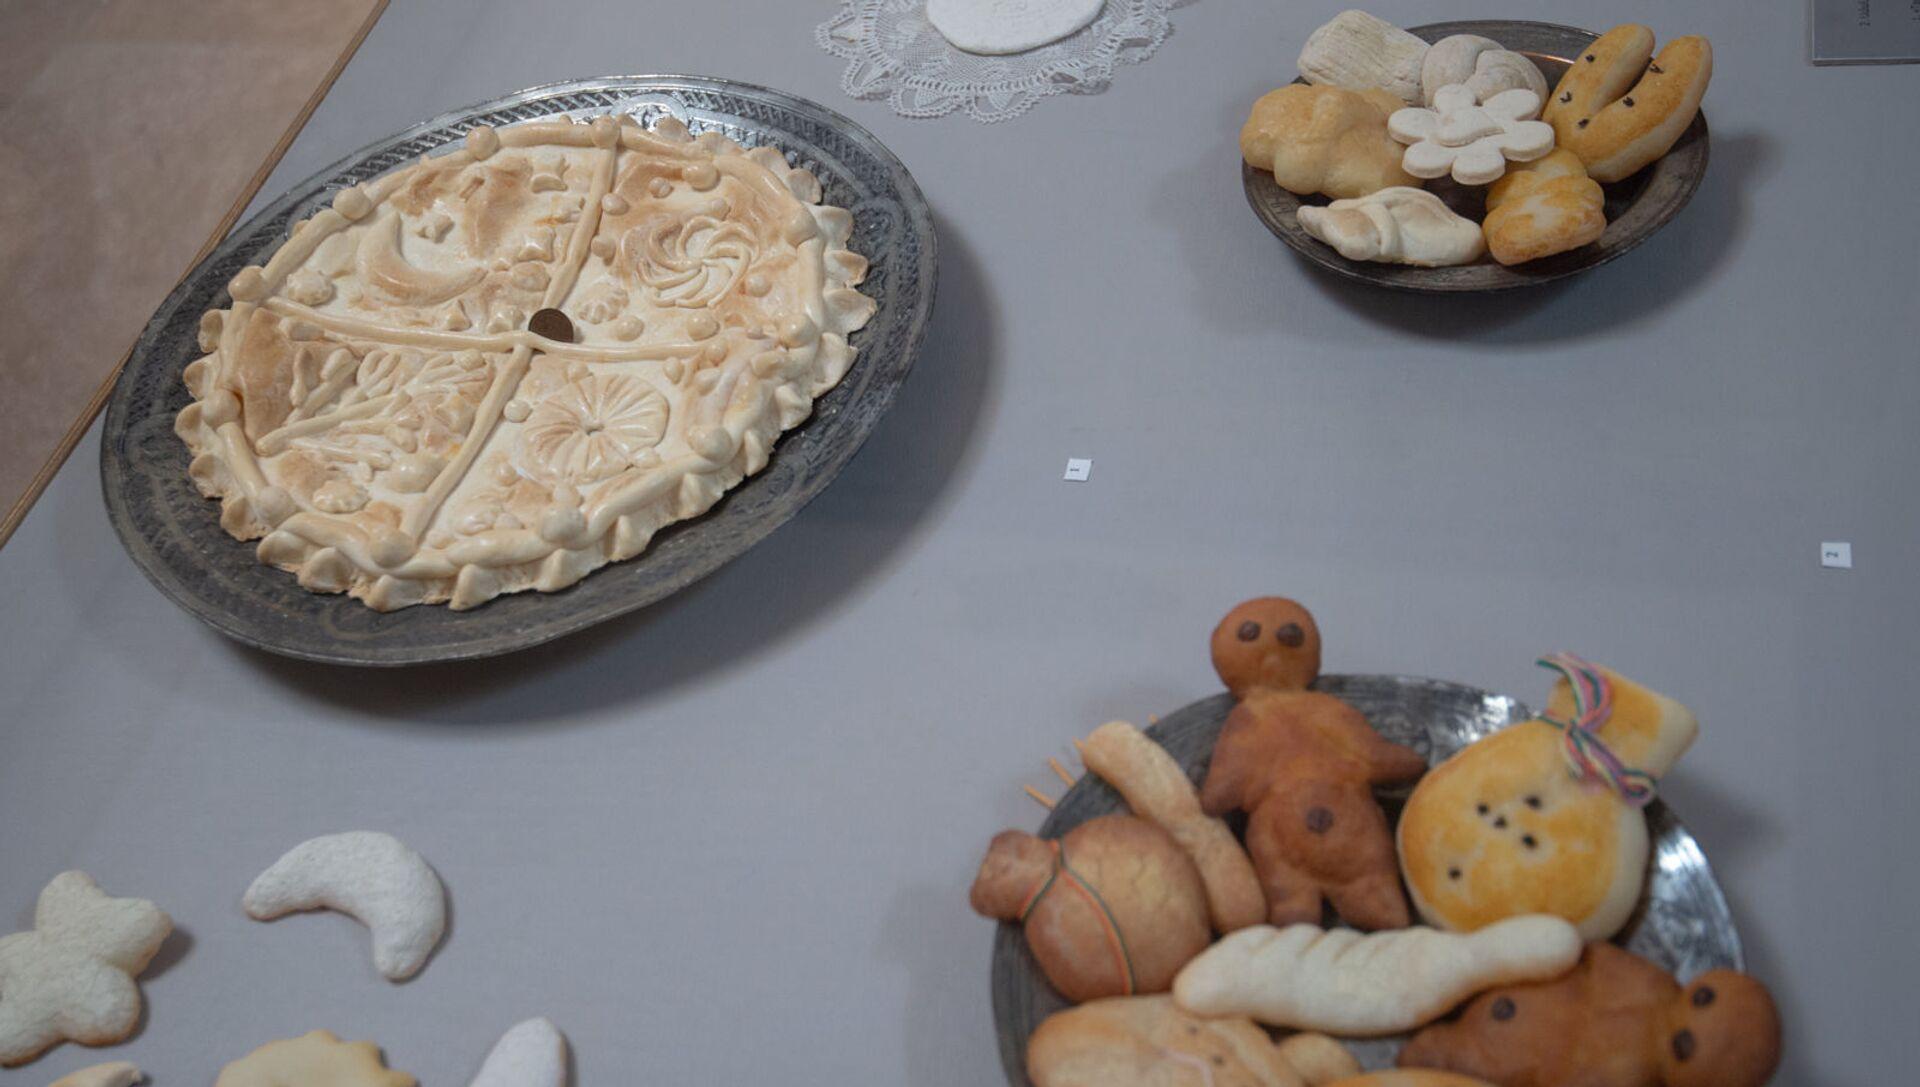 Армянская свадебная традиция - Sputnik Արմենիա, 1920, 22.08.2021